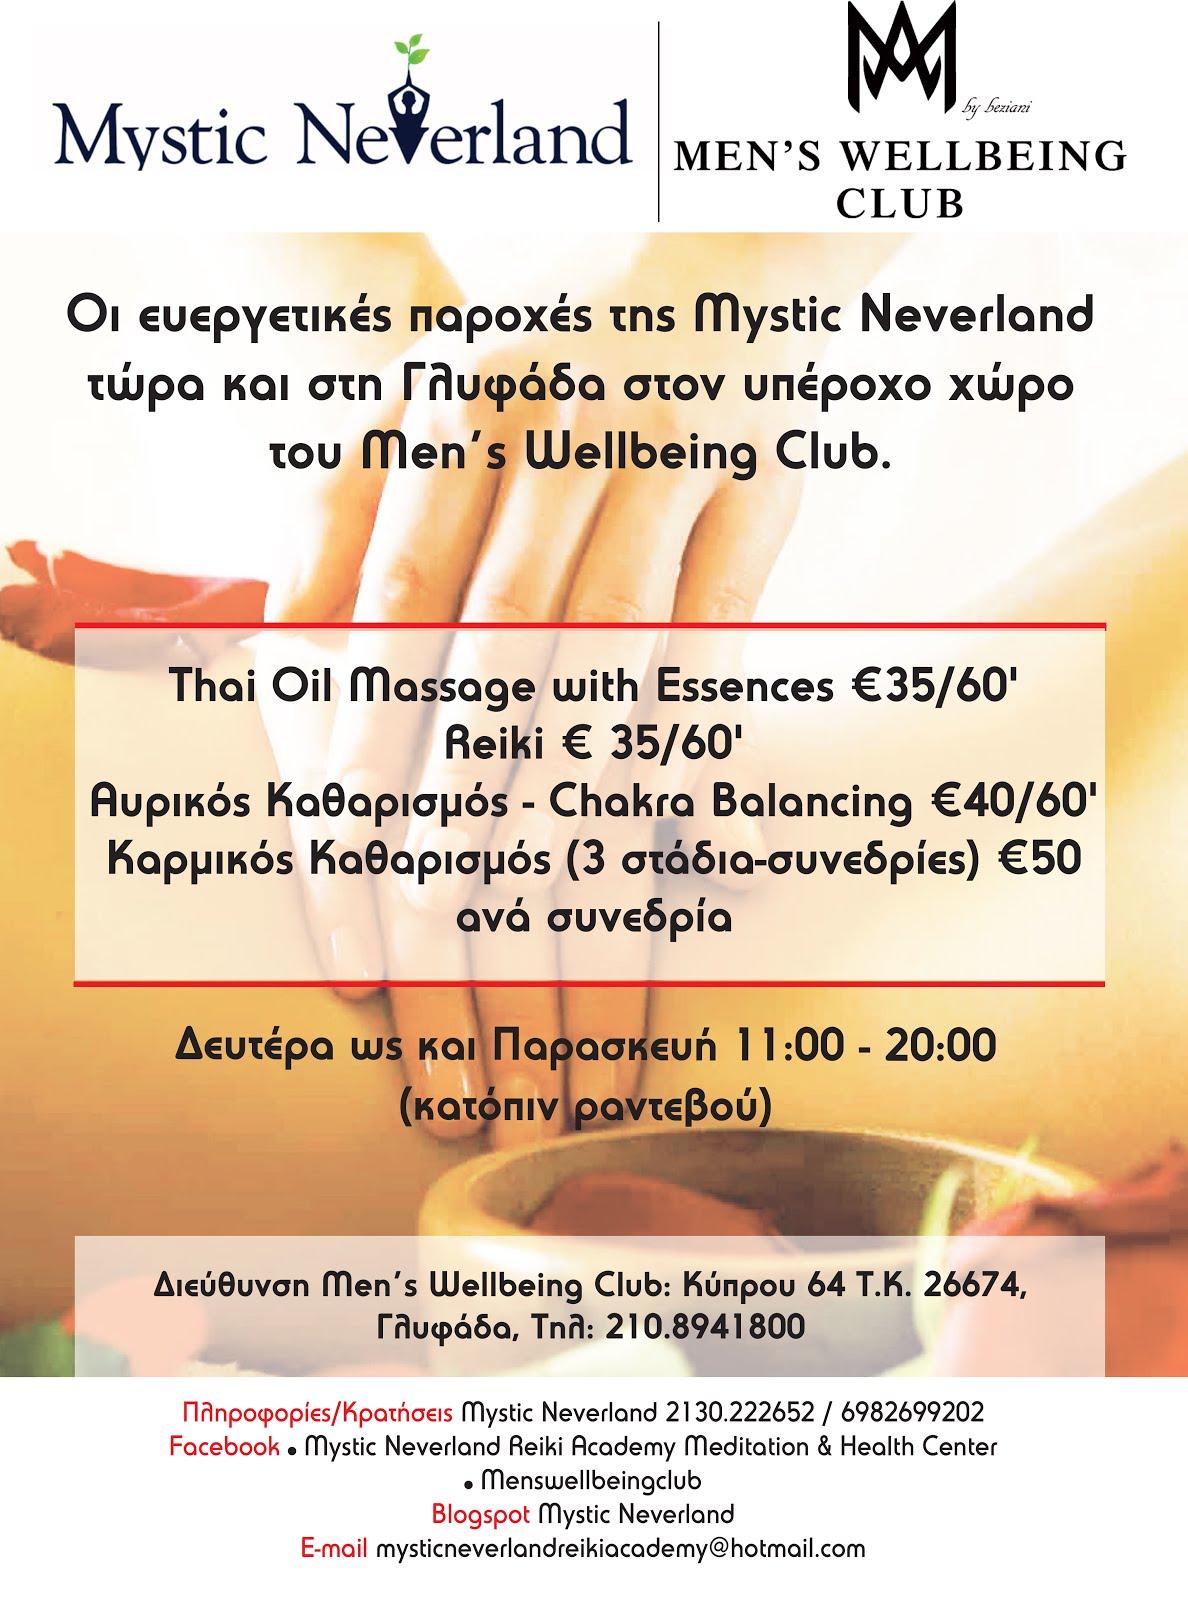 Συνεργασίες Mystic Neverland